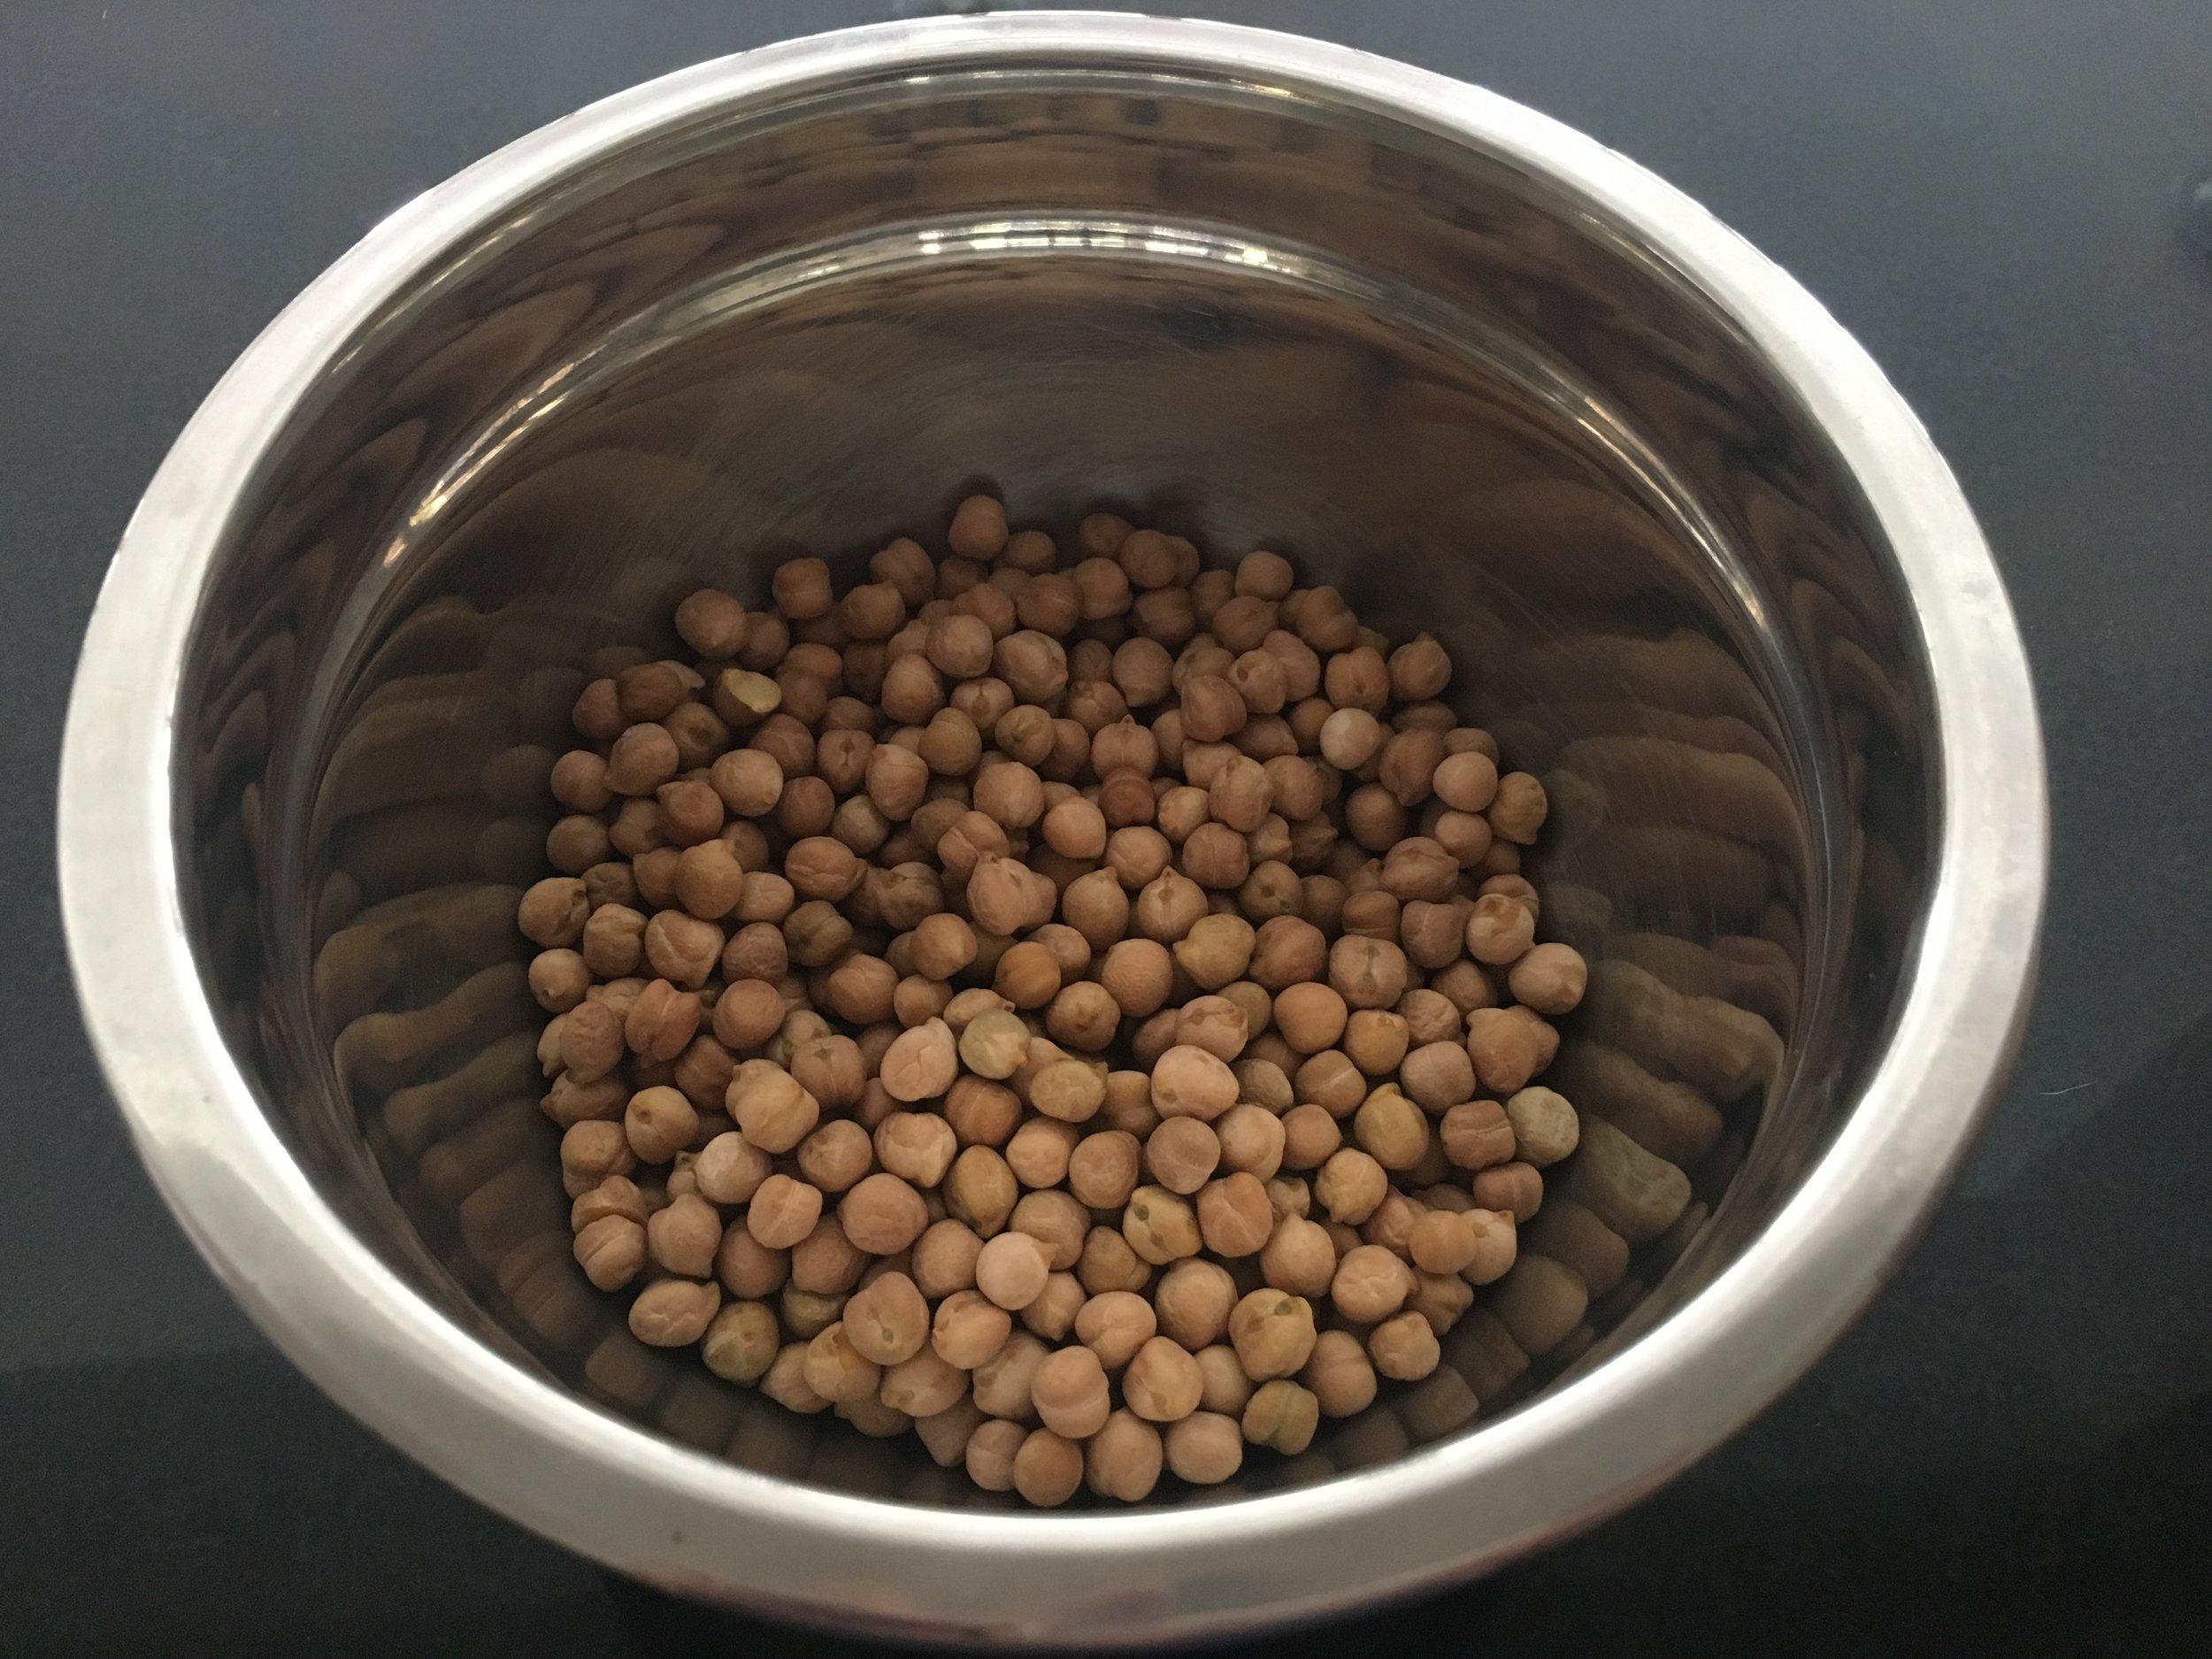 Ponha o grão de bico de molho por 12 até 24 horas. Os grãos irão mais do que dobrar de volume, portando coloque 3 vezes mais água que as medidas de grãos. Cubra e leve a vasilha à geladeira.